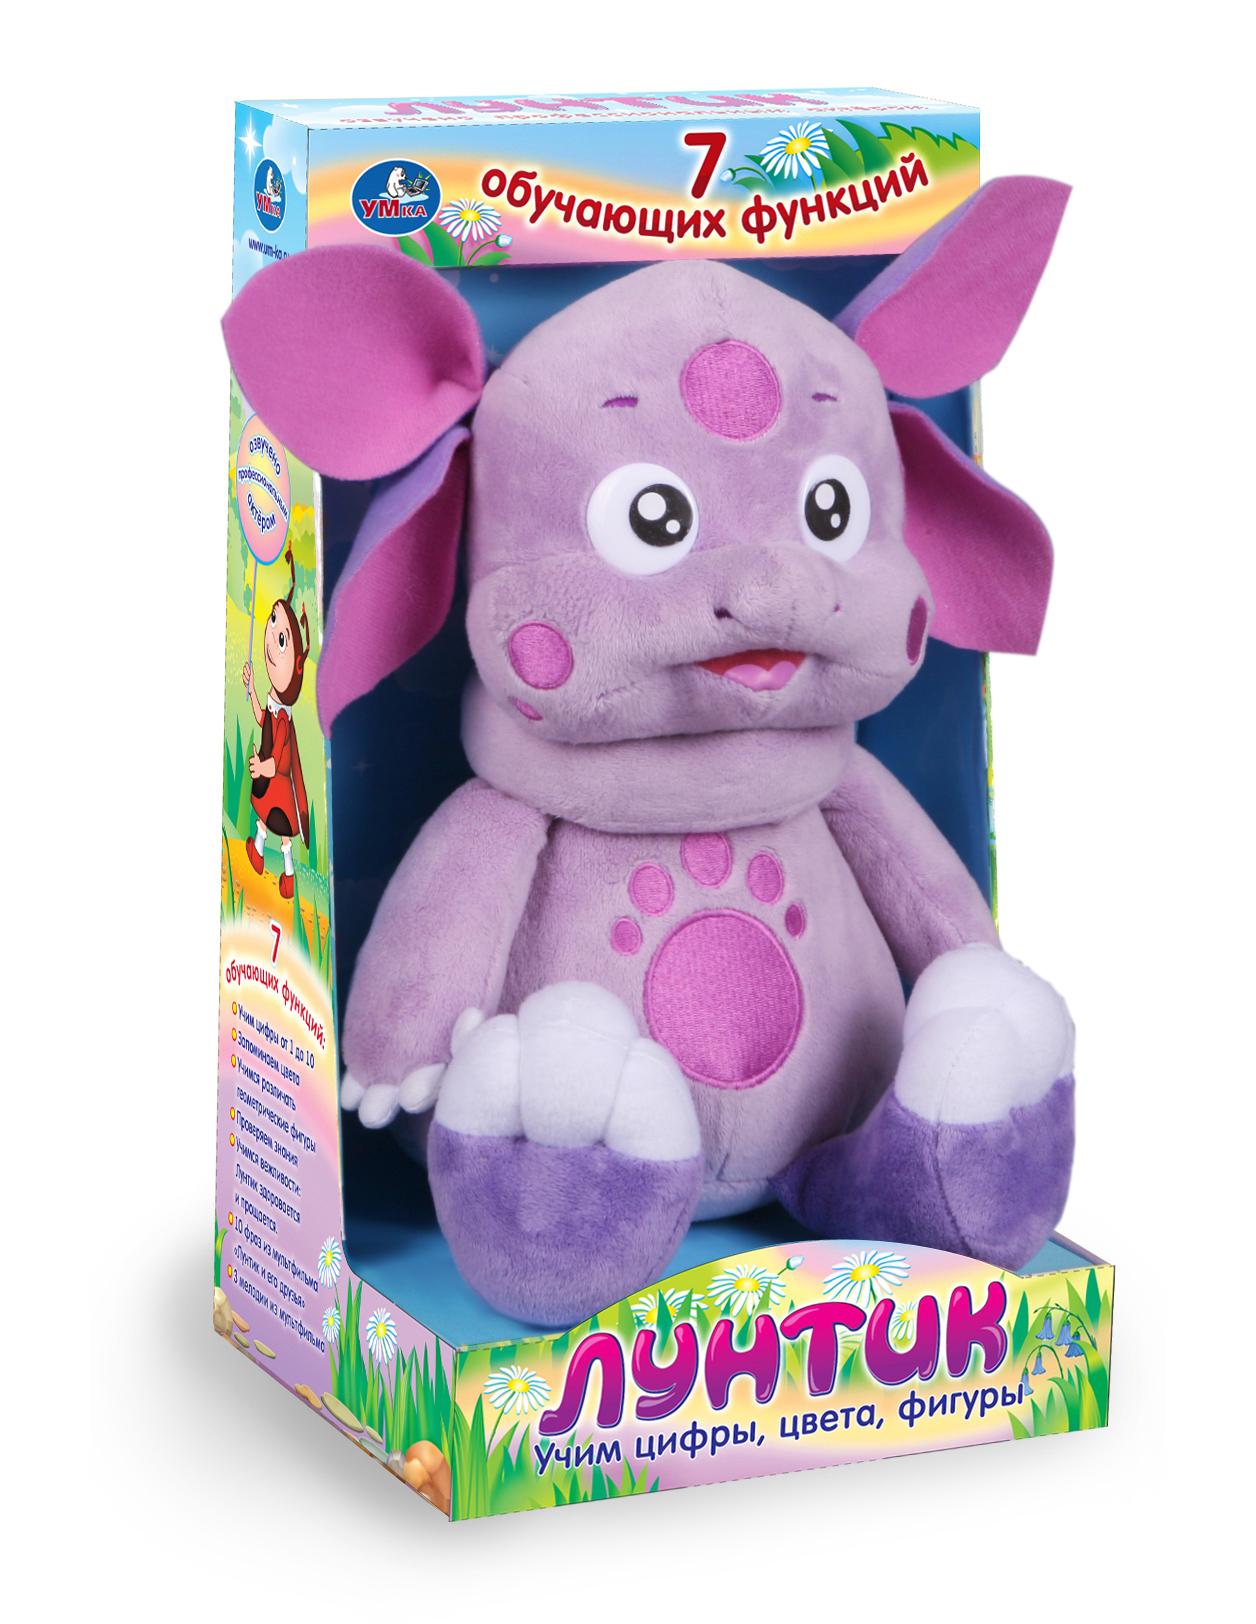 Упаковка для детской игрушки